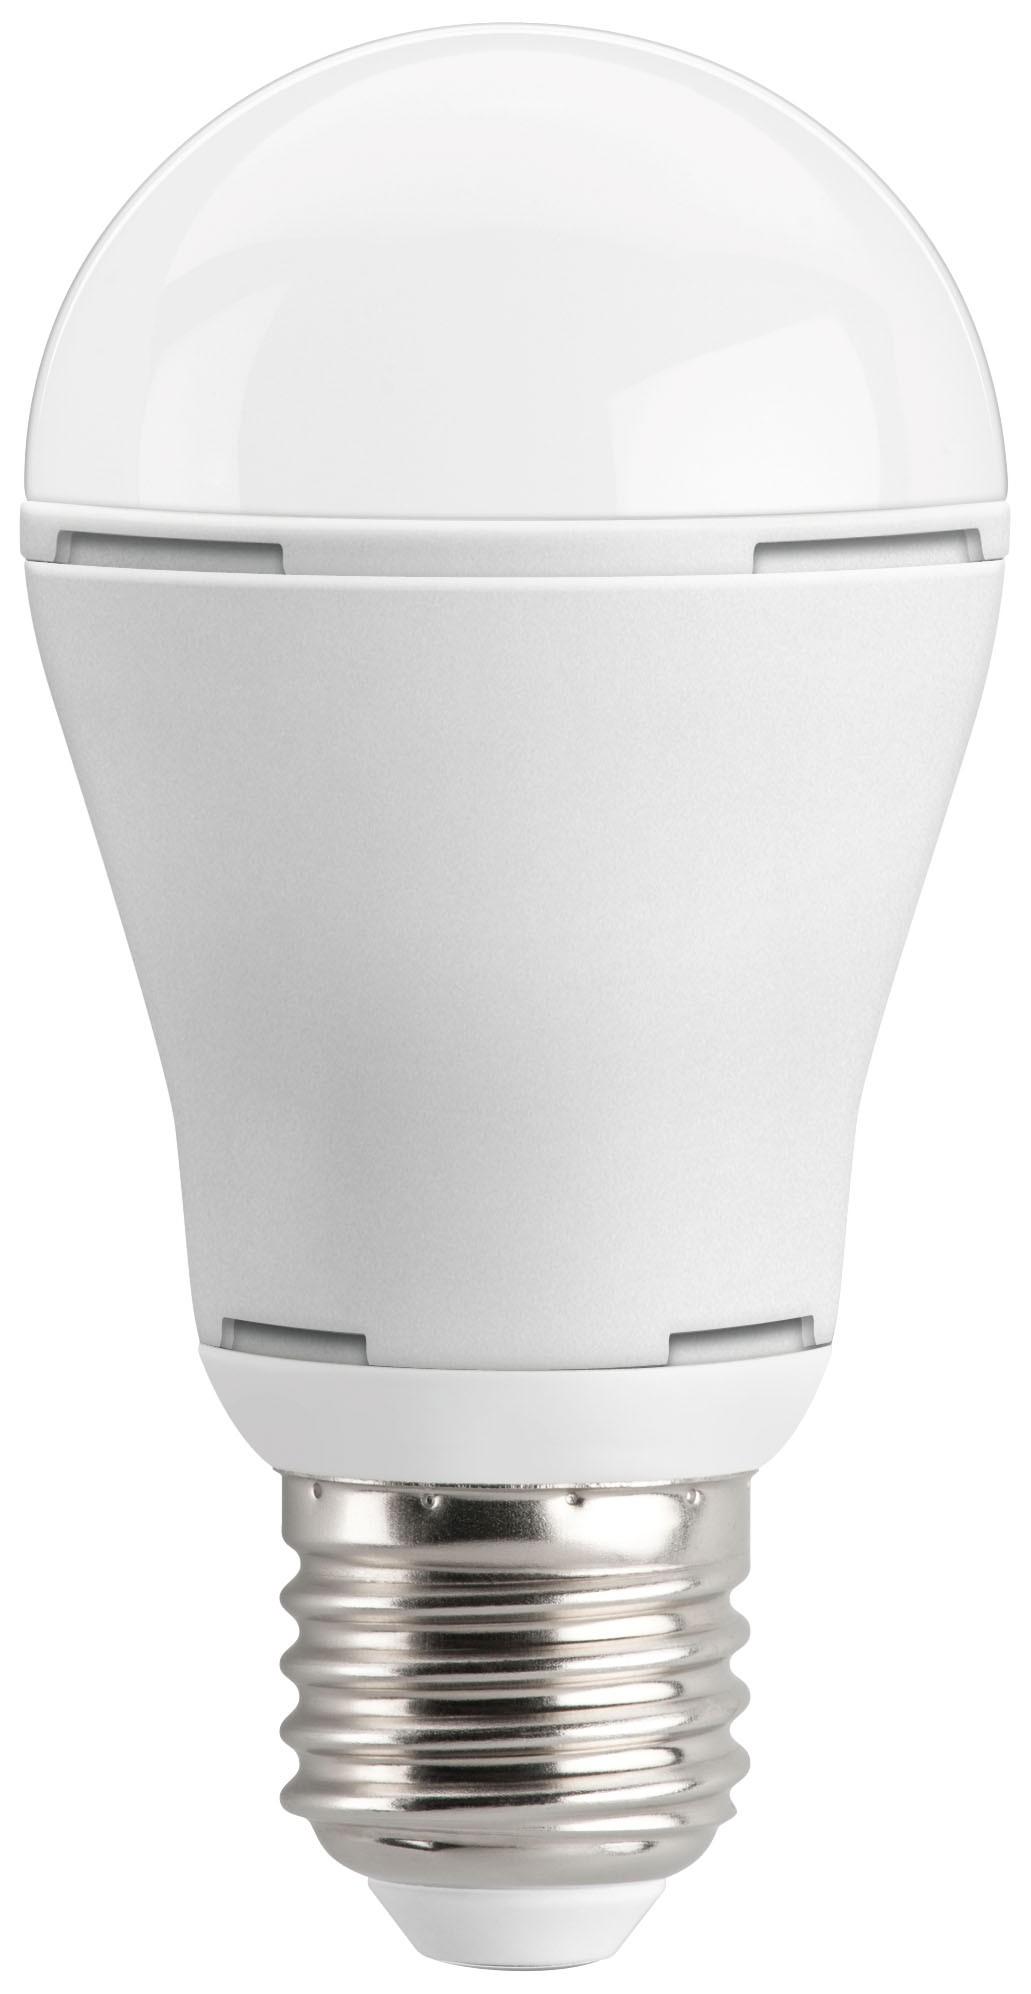 1_Goobay LED Birne A60, E27 160°, warmweiß, 10.5W, 810lm